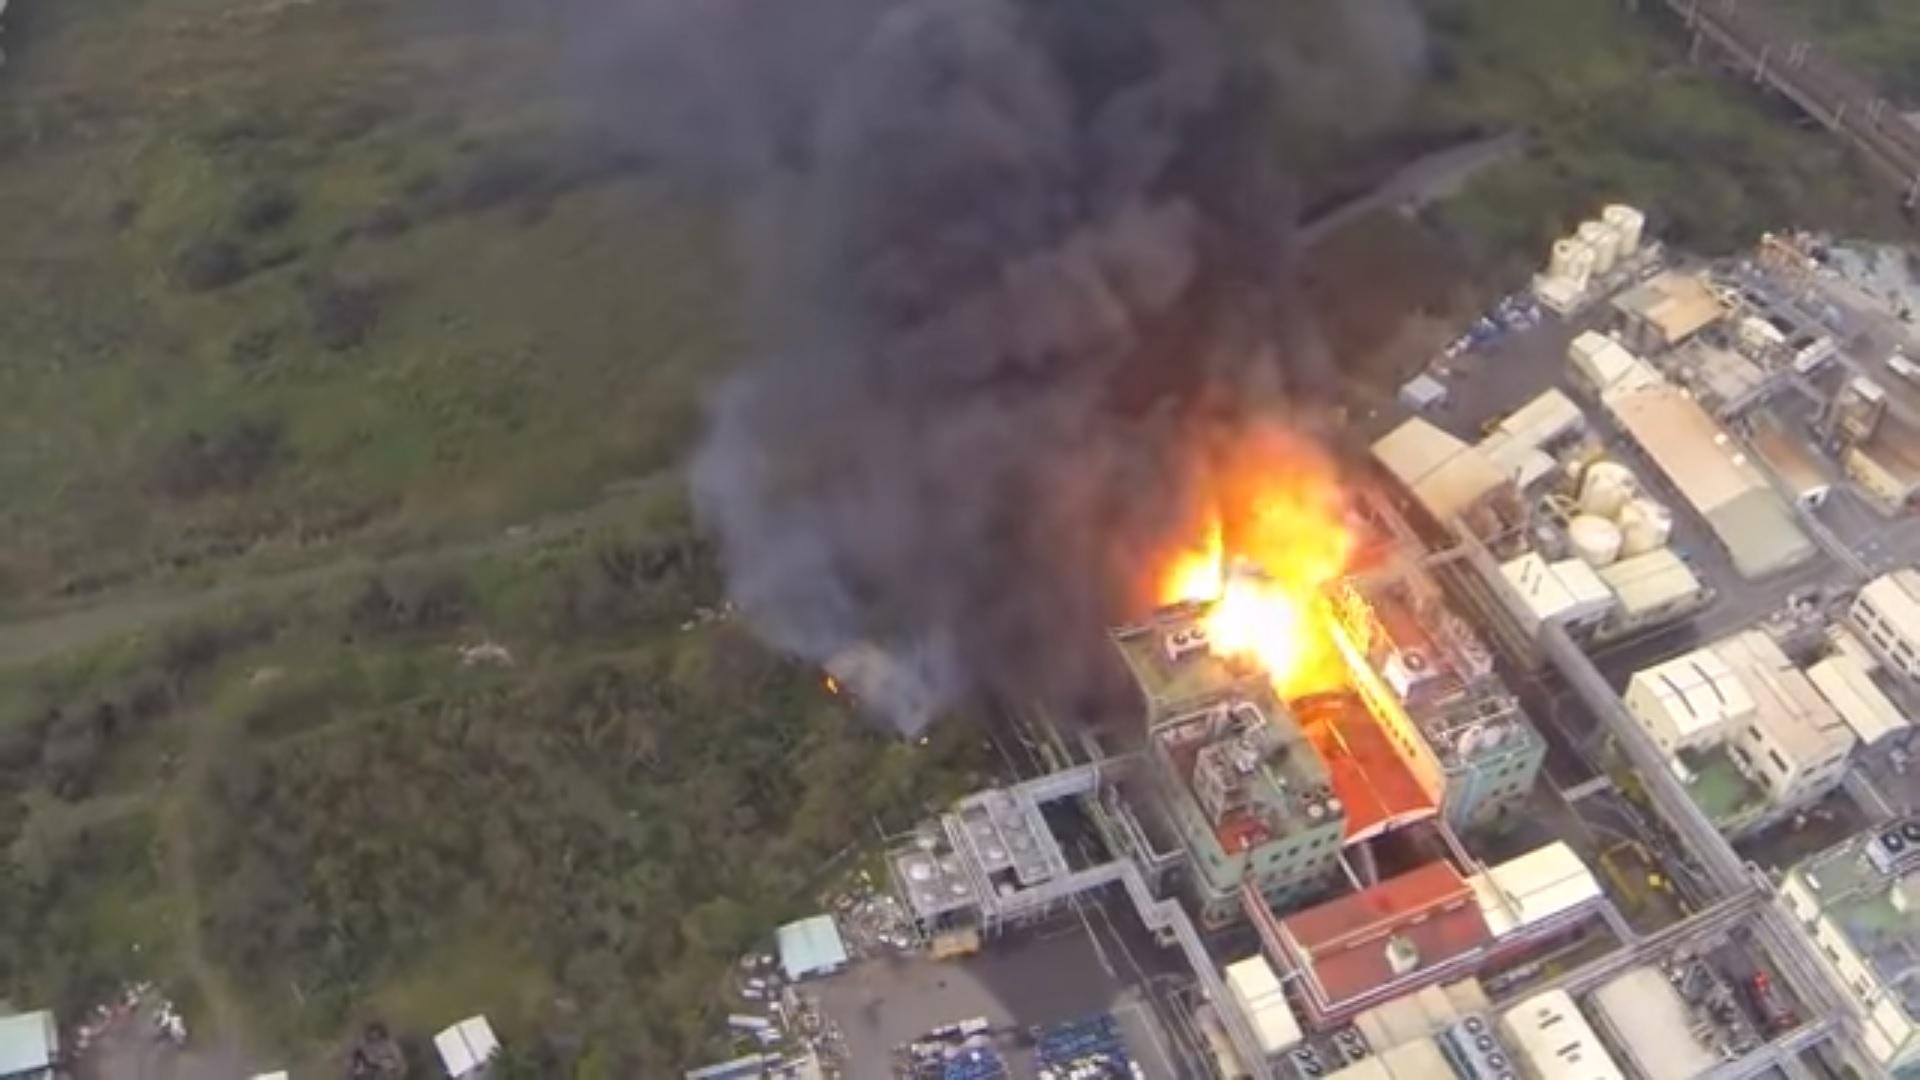 台中興農化工廠爆炸 1人傷重不治